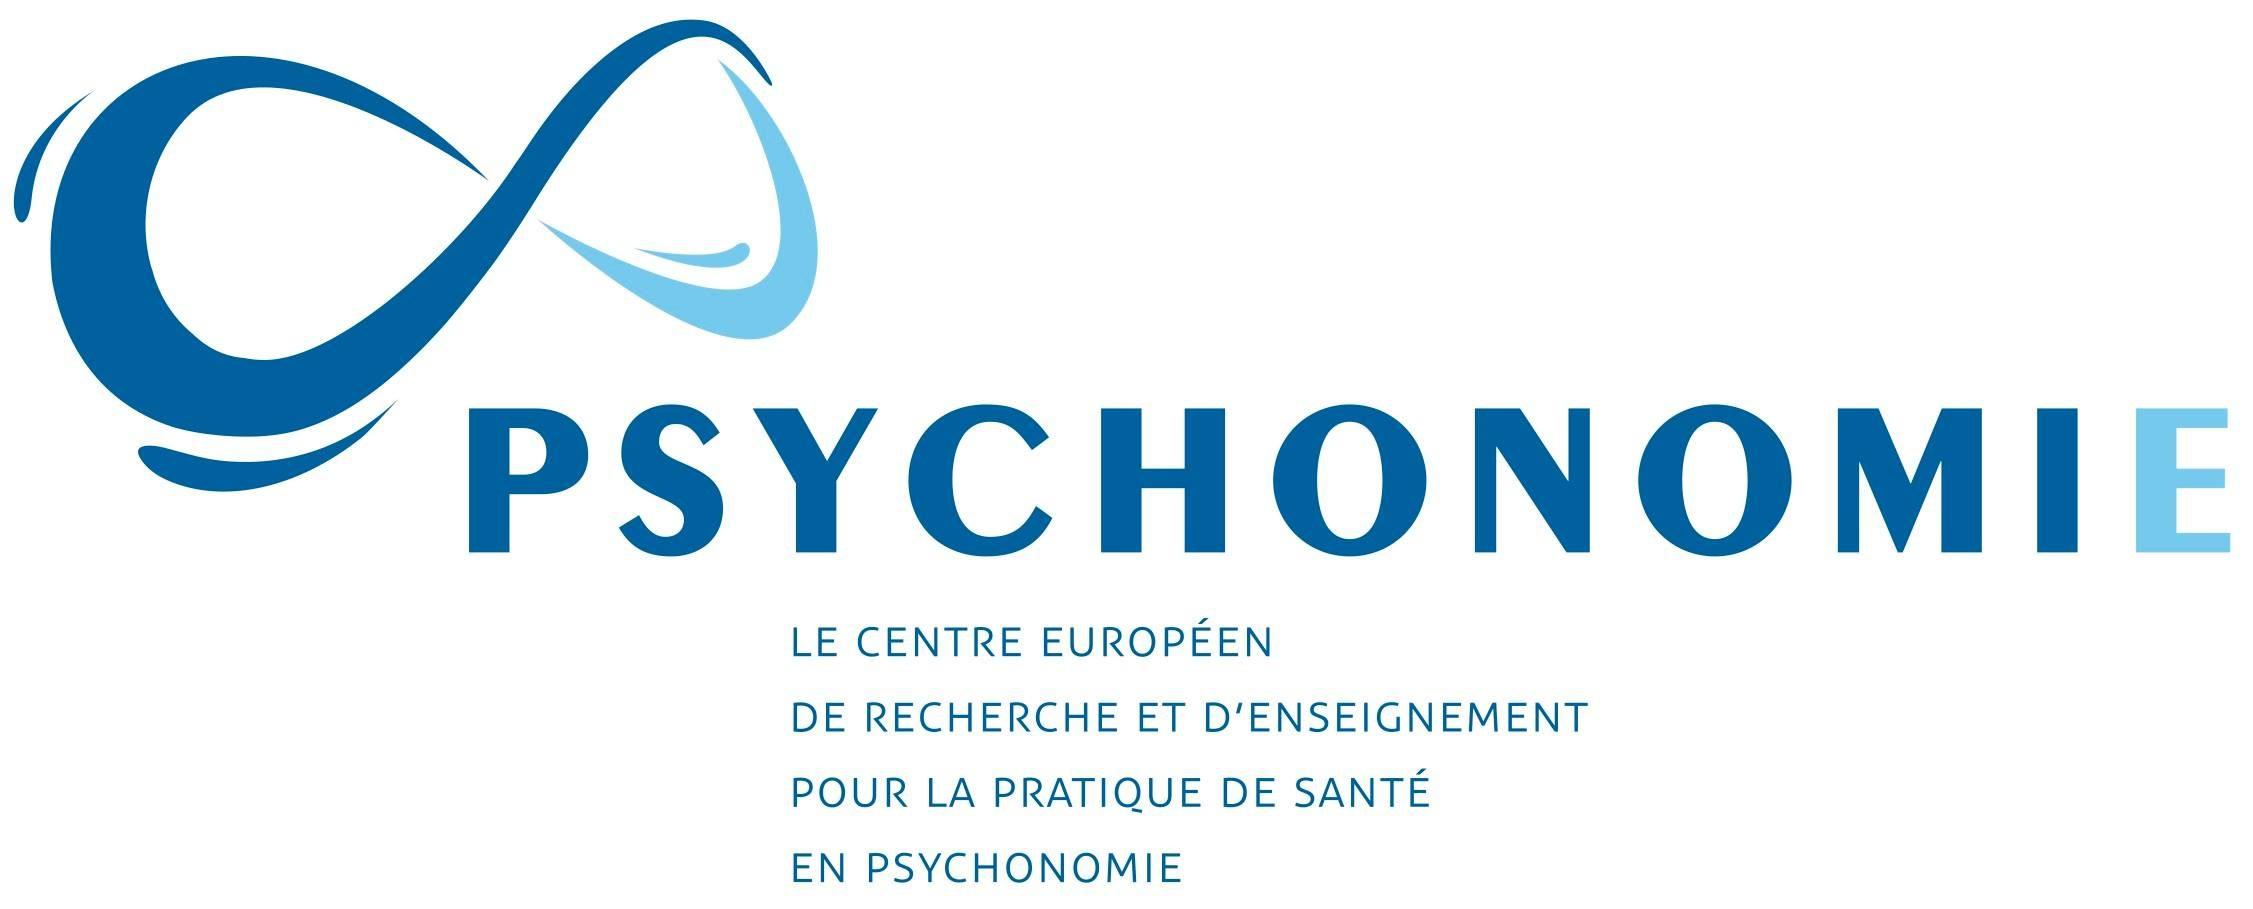 C.E.S.Psychonomie